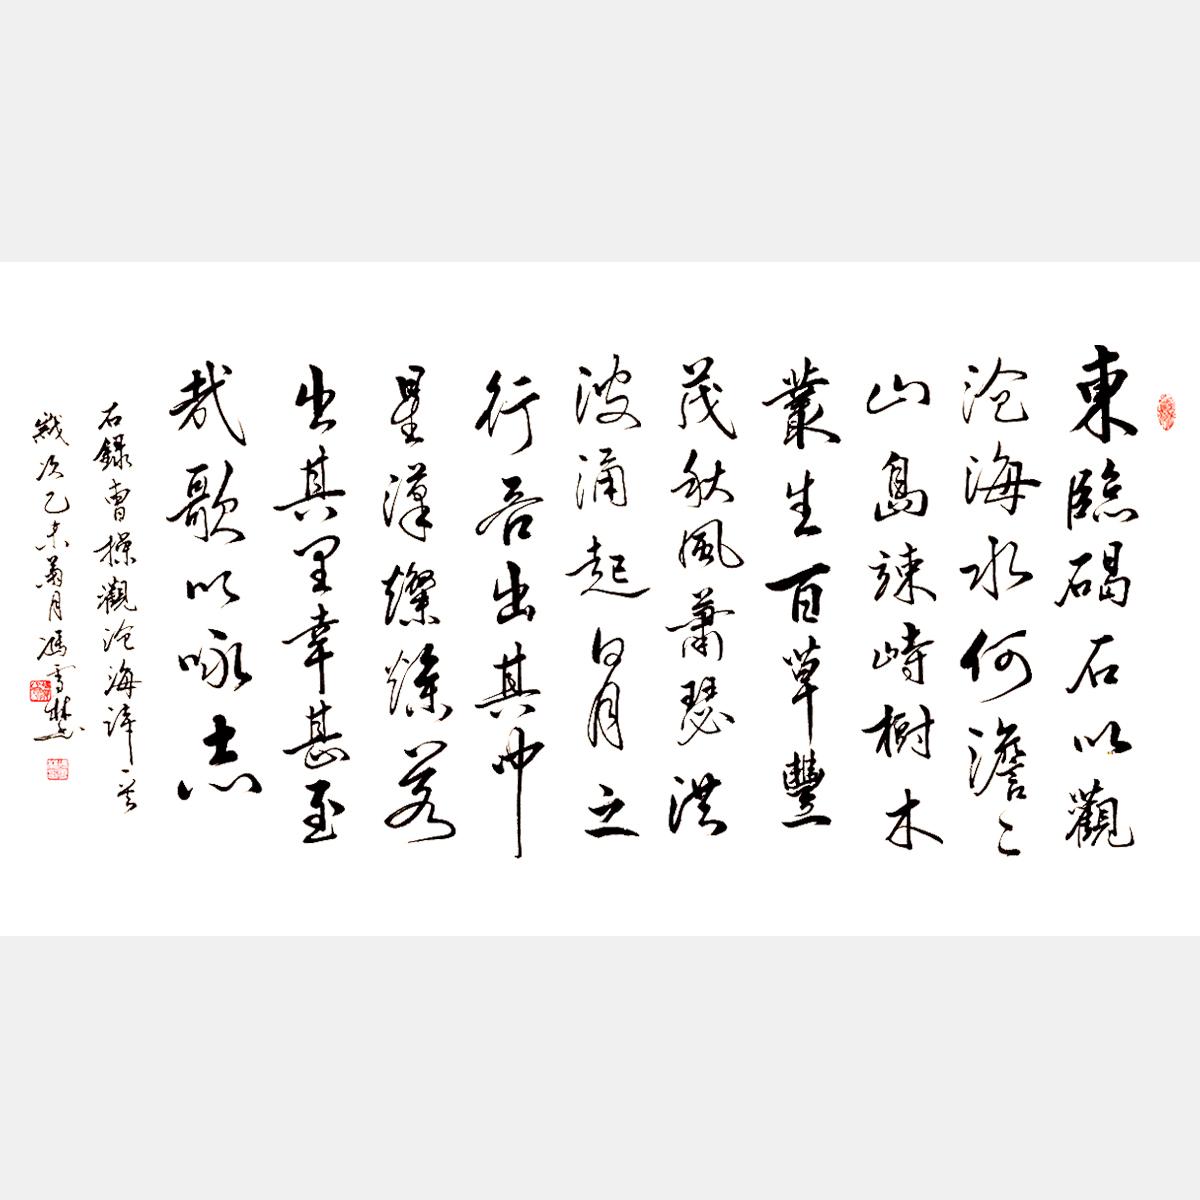 冯雪林字画 三国曹操《观沧海》 行书 楷书